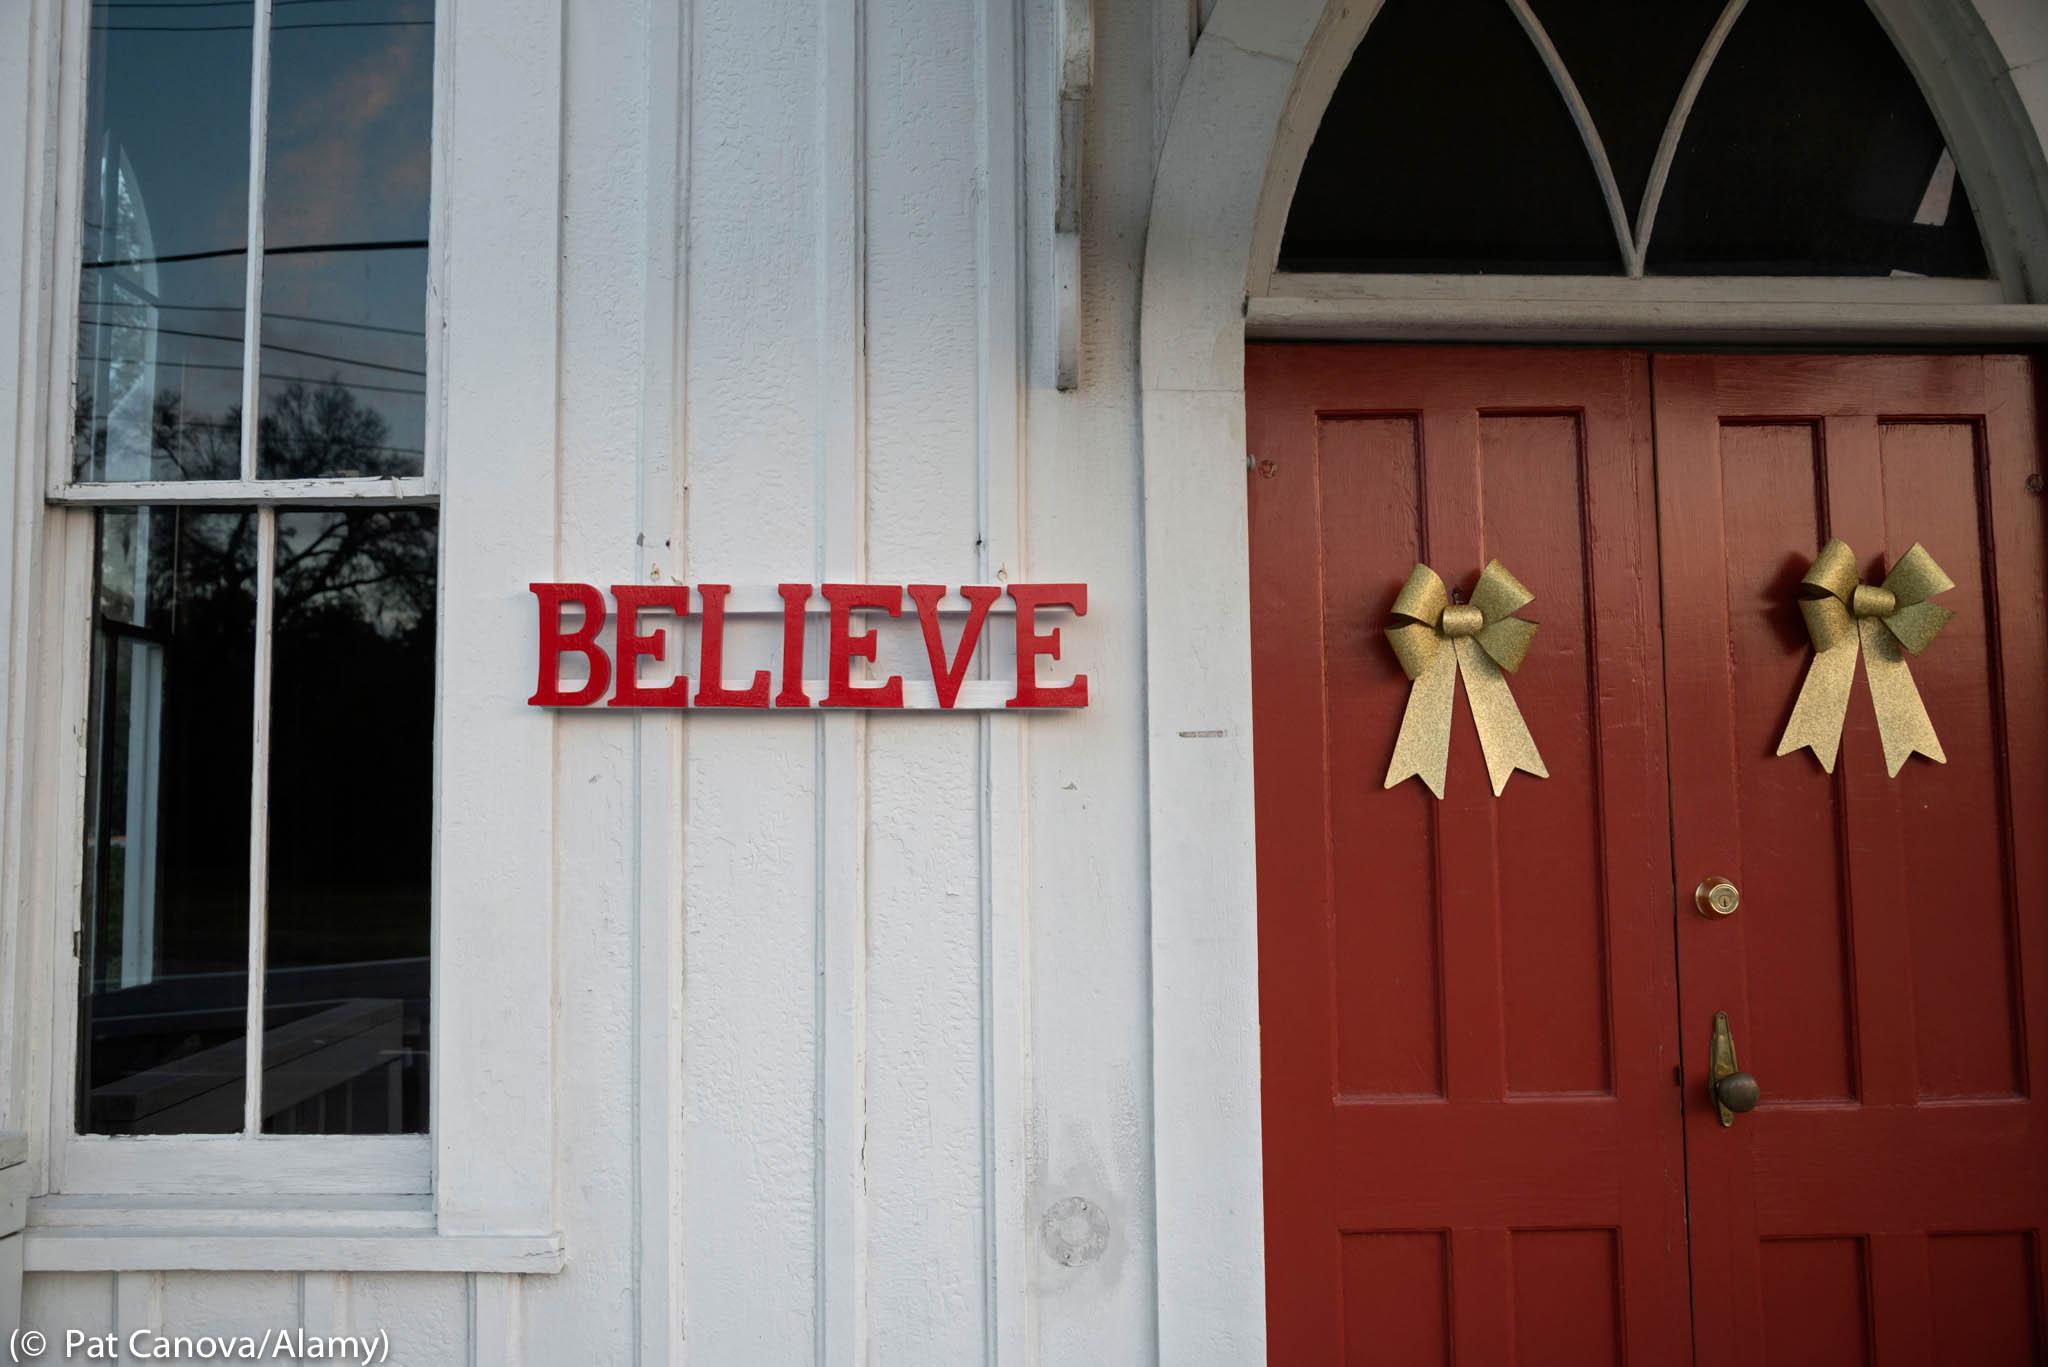 Le mot « Believe » (Croyez) et deux rubans sur la façade d'un bâtiment (© Pat Canova/Alamy)